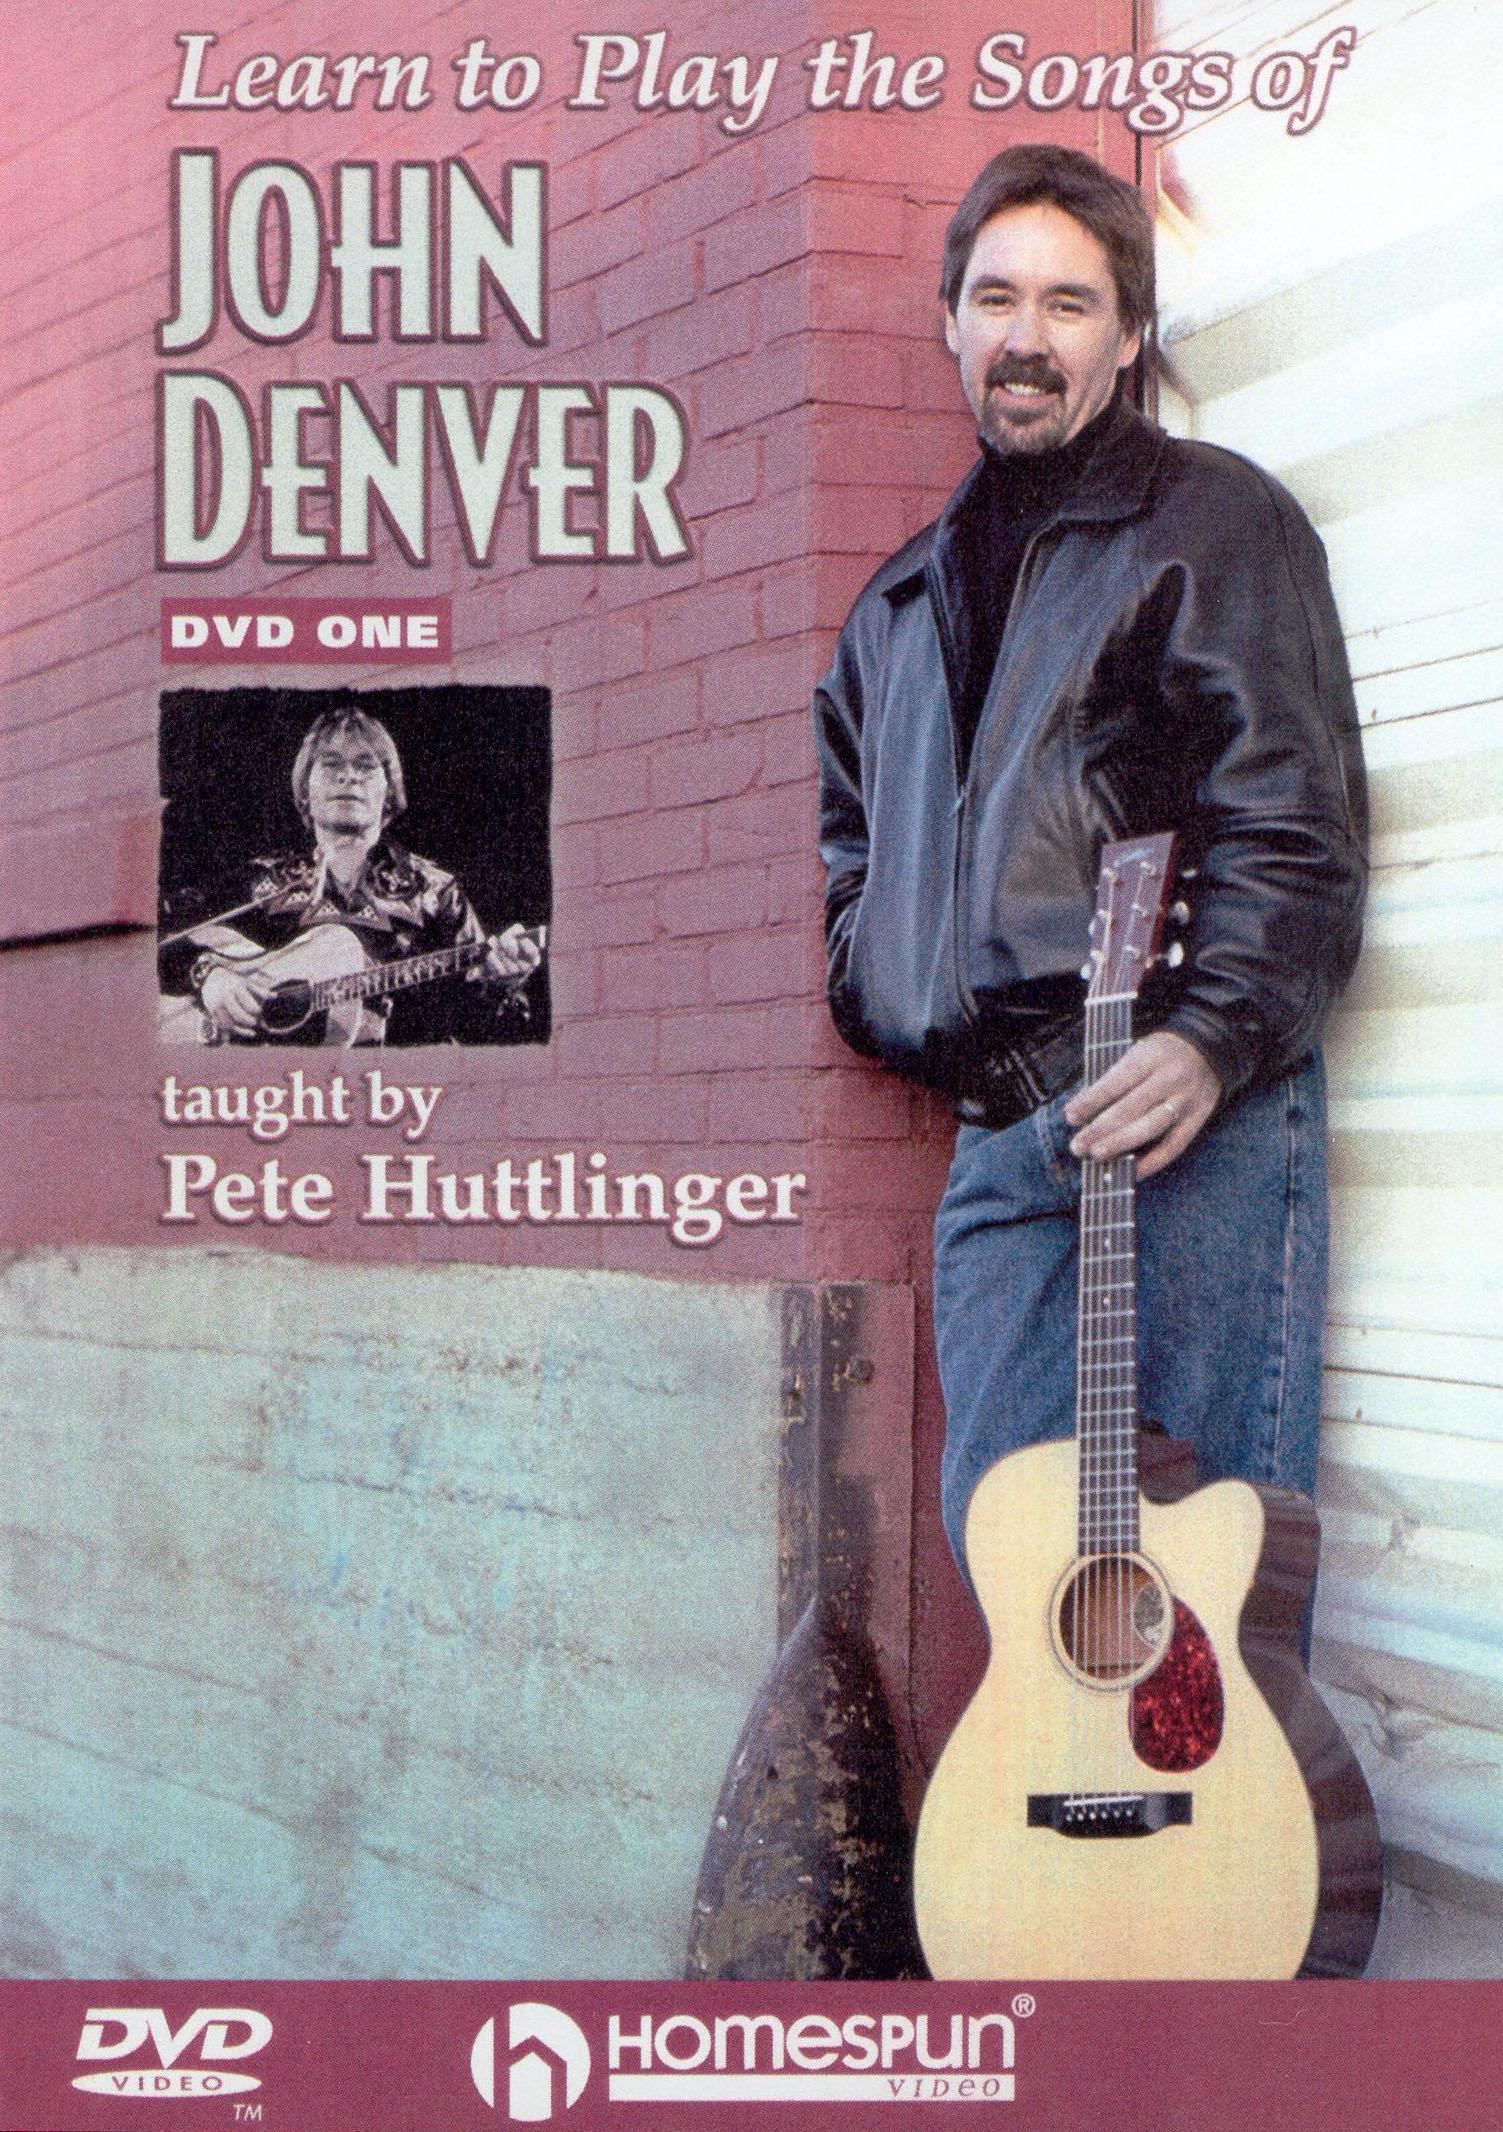 Pete Huttlinger: Learn to Play the Songs of John Denver, Vol. 1